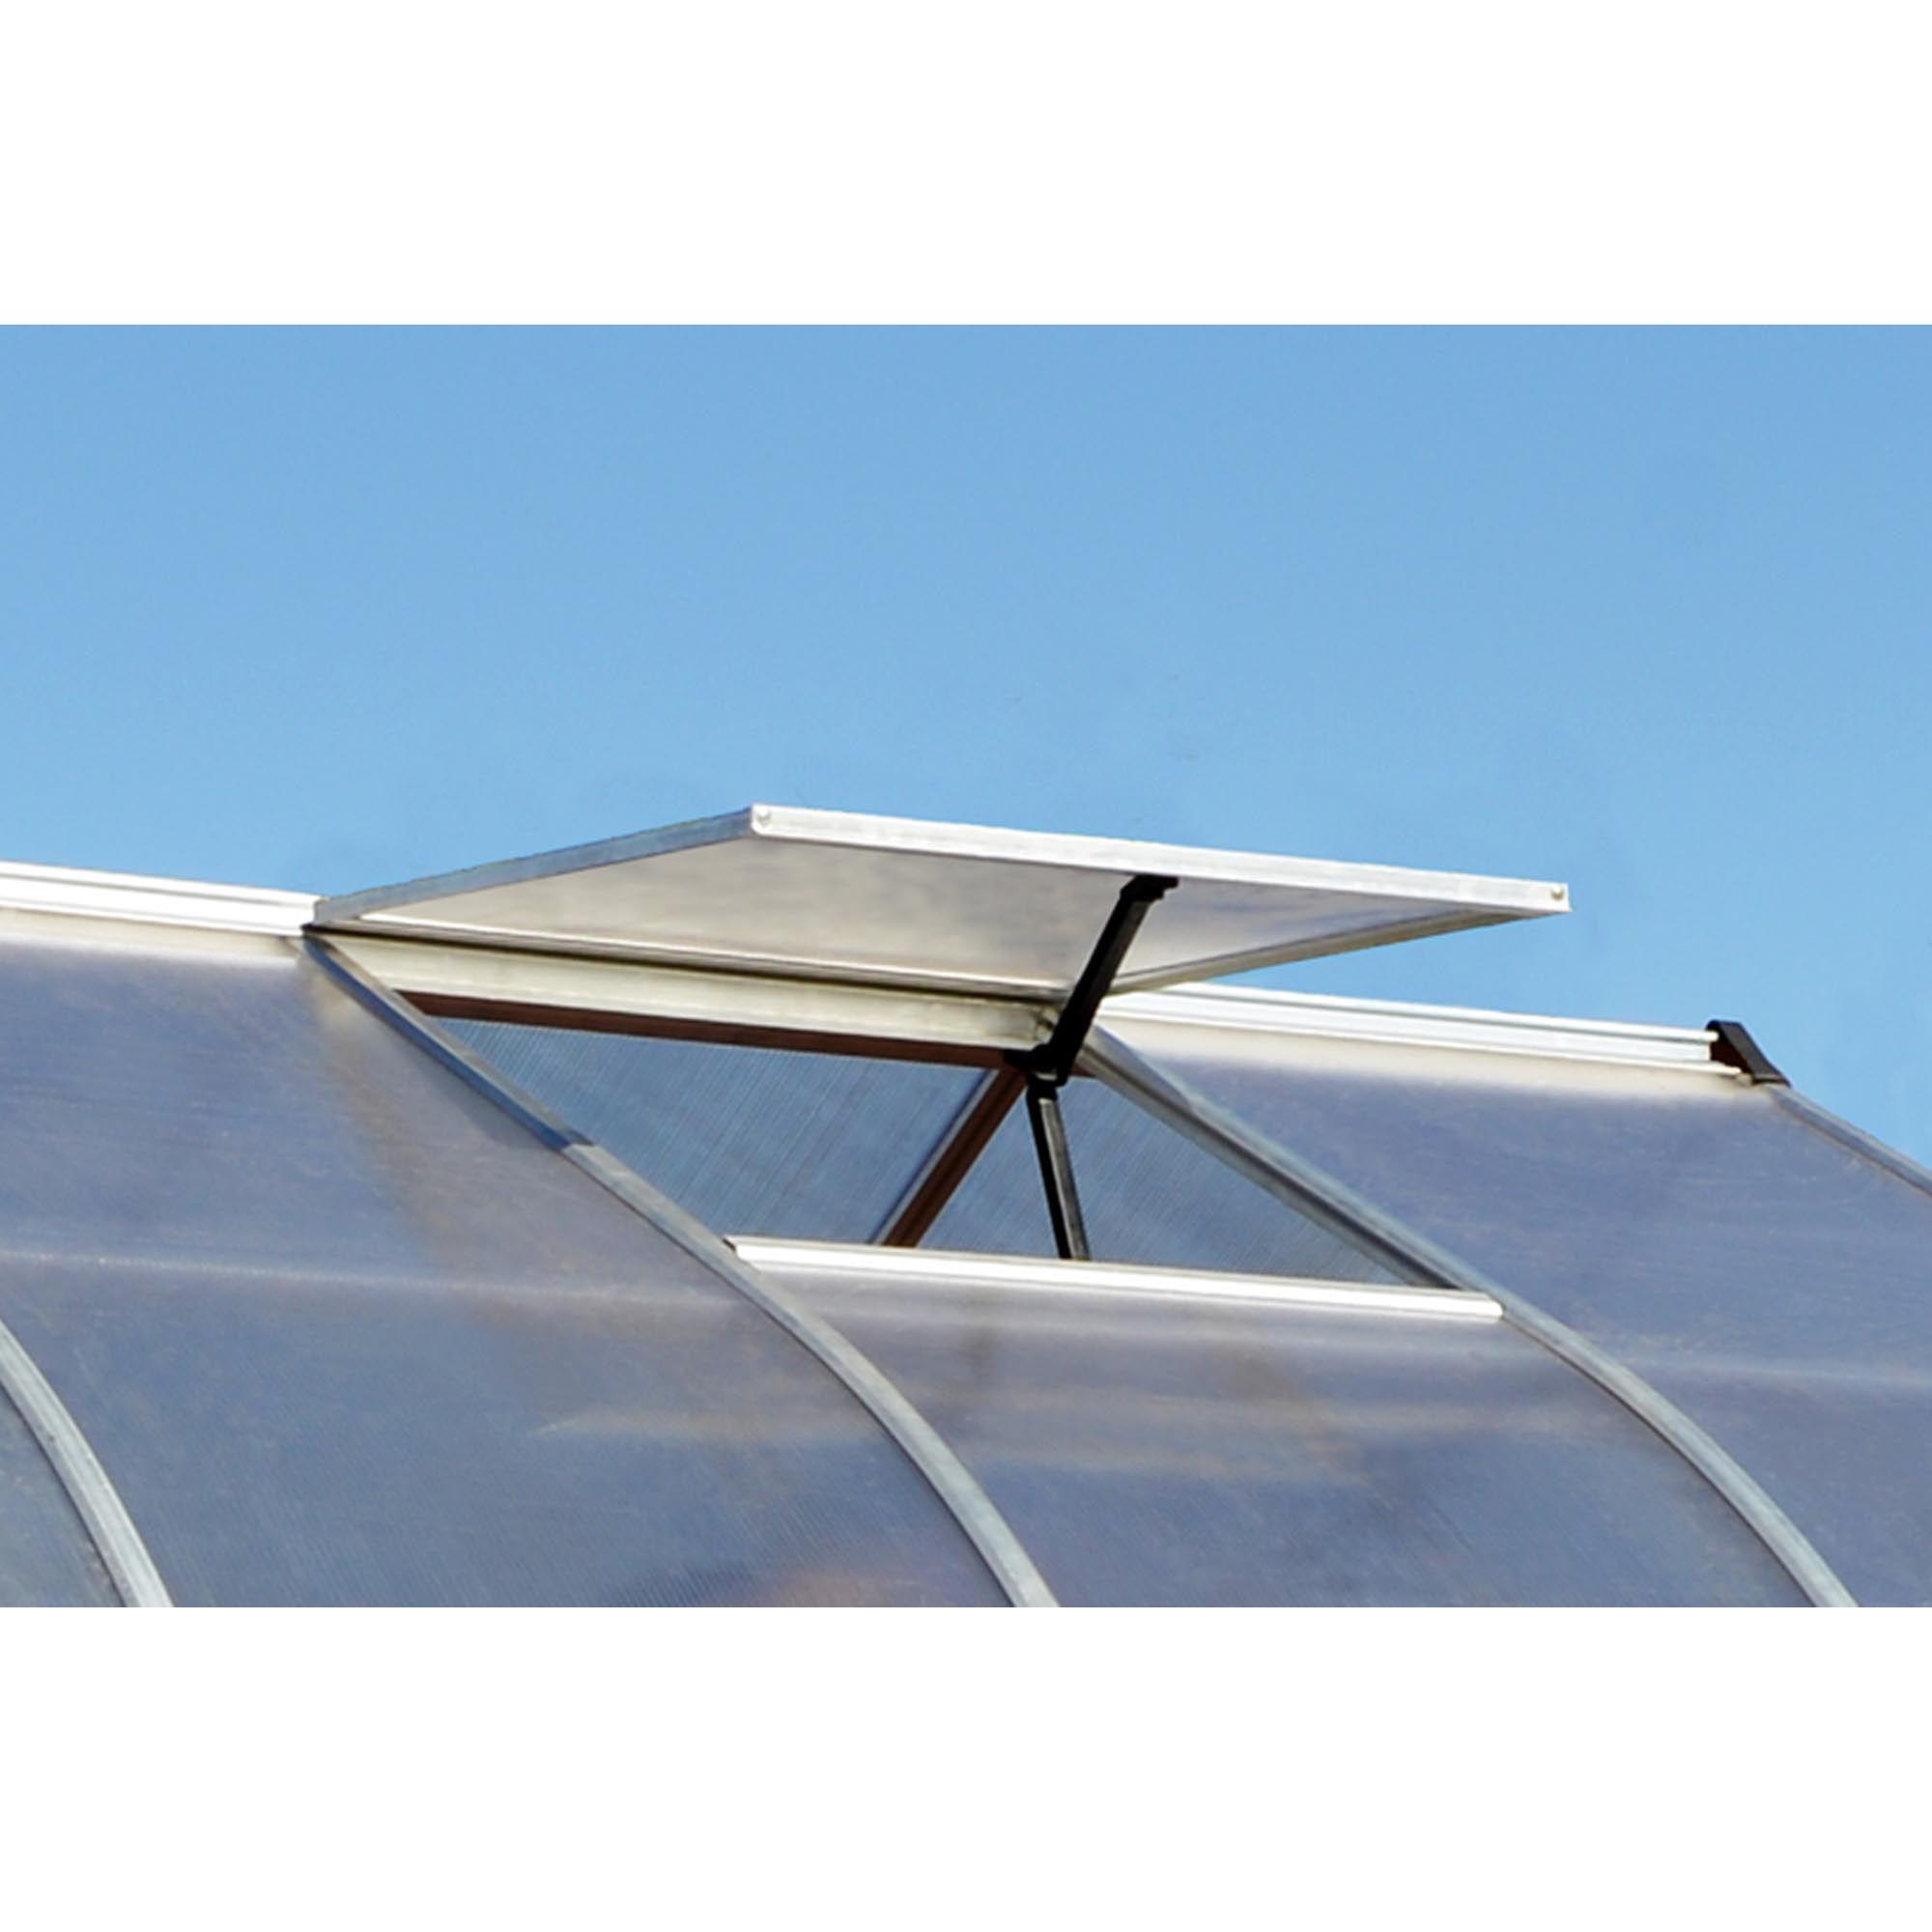 Kent Ca Bella Greenhouse 8 X 12 Aluminum Frame 10 Mm